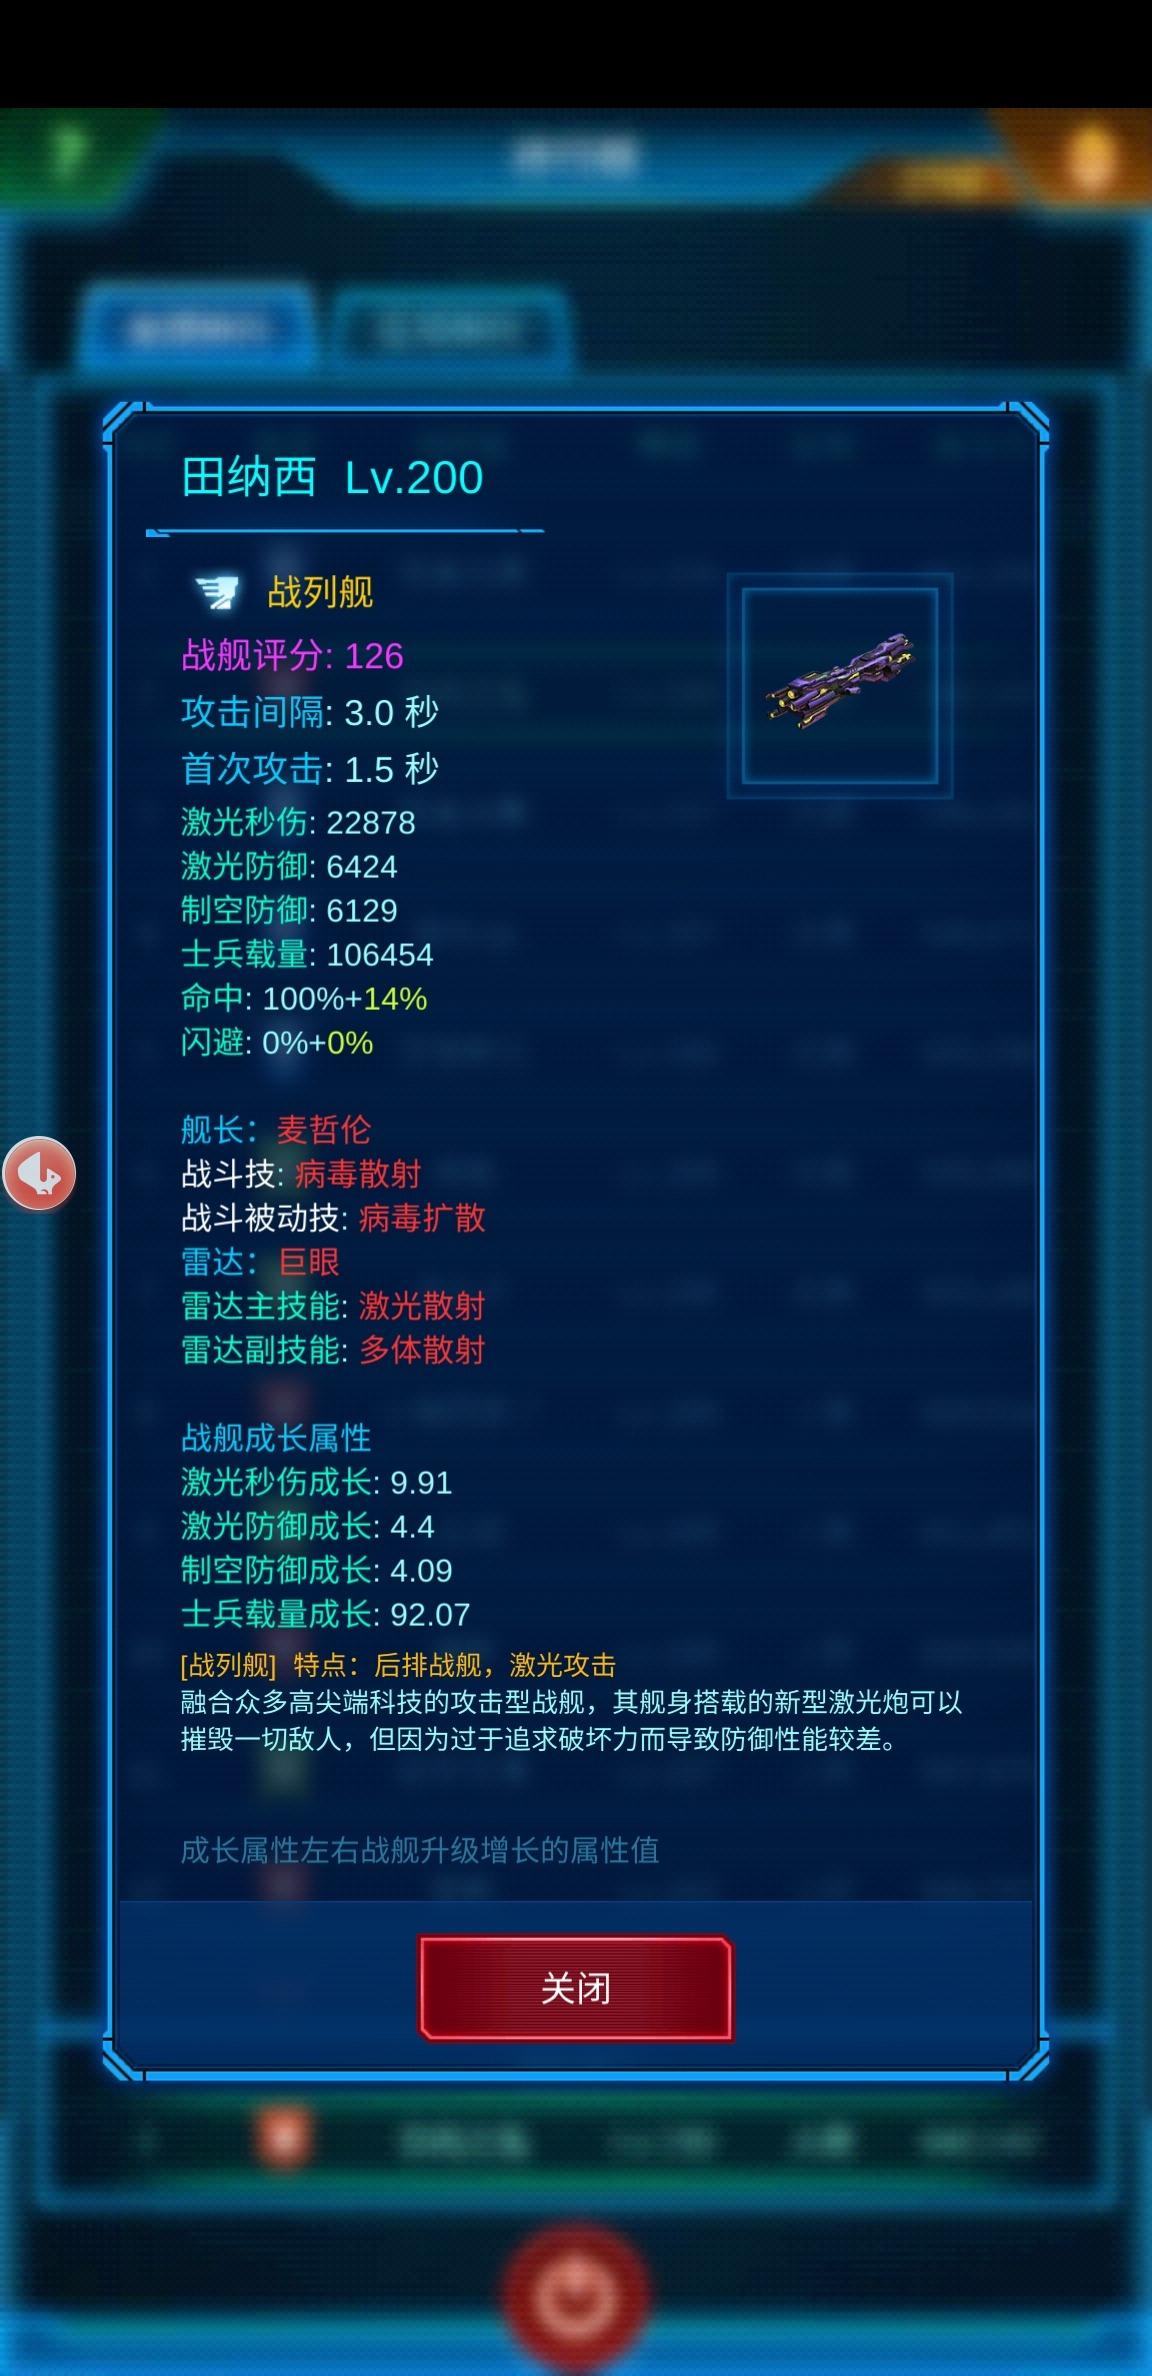 Screenshot_20210706_182455_com.tanwan.mobile.yhzjs.jpg